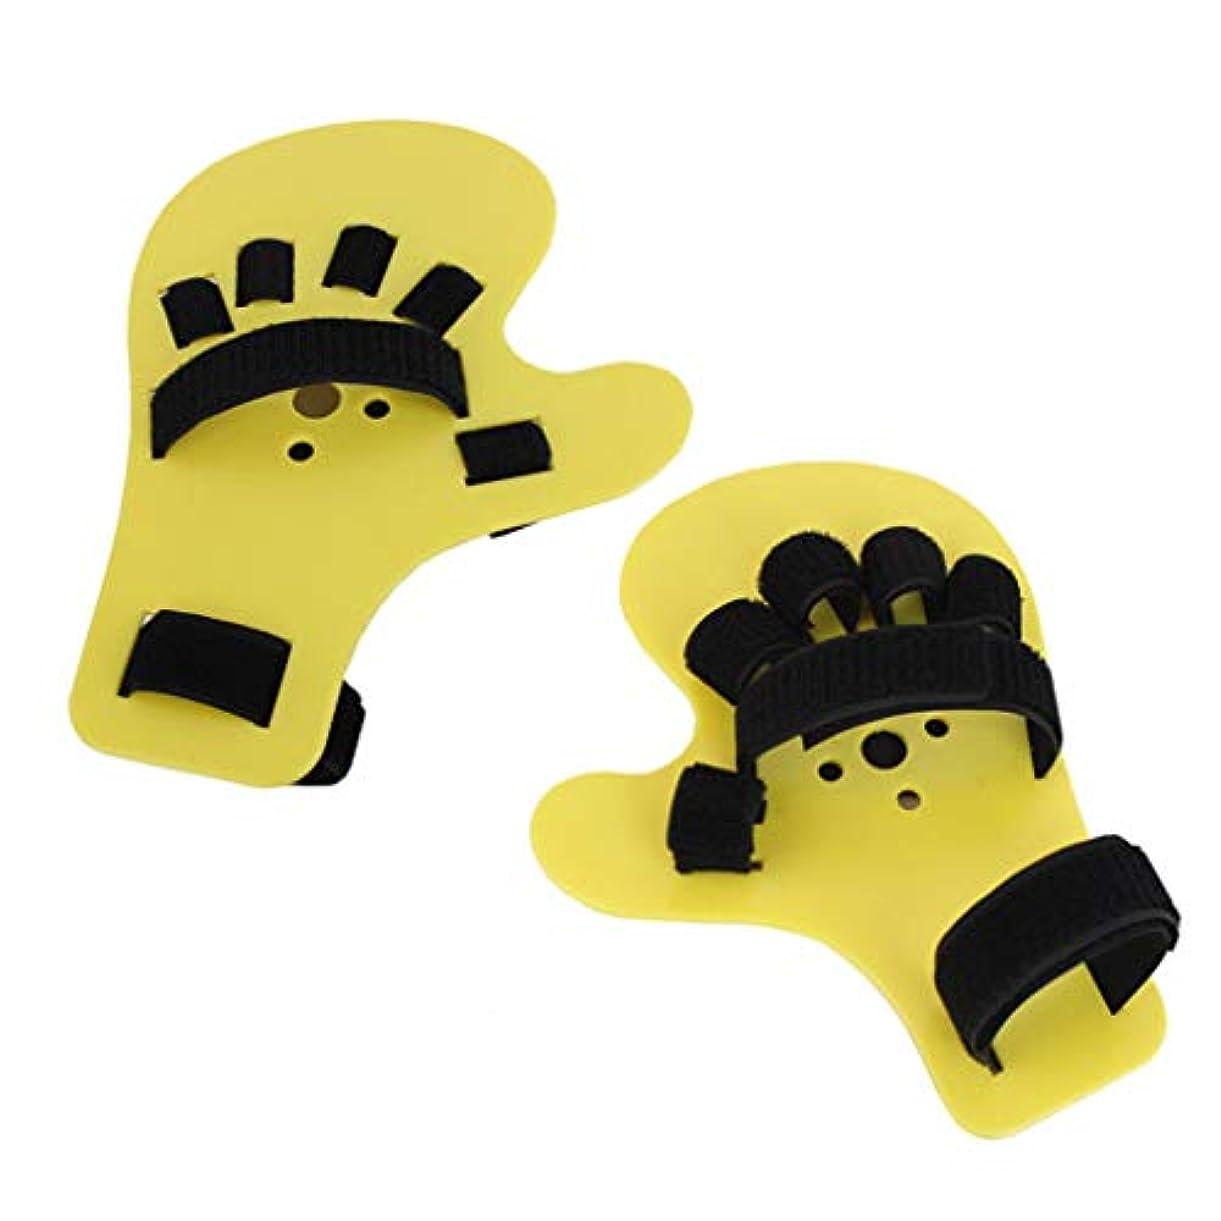 提供敬意を表するキャンセル手首装具 - 指リハビリテーション訓練器具、成人の指の固定のための指矯正プレートストローク片麻痺,2pcs